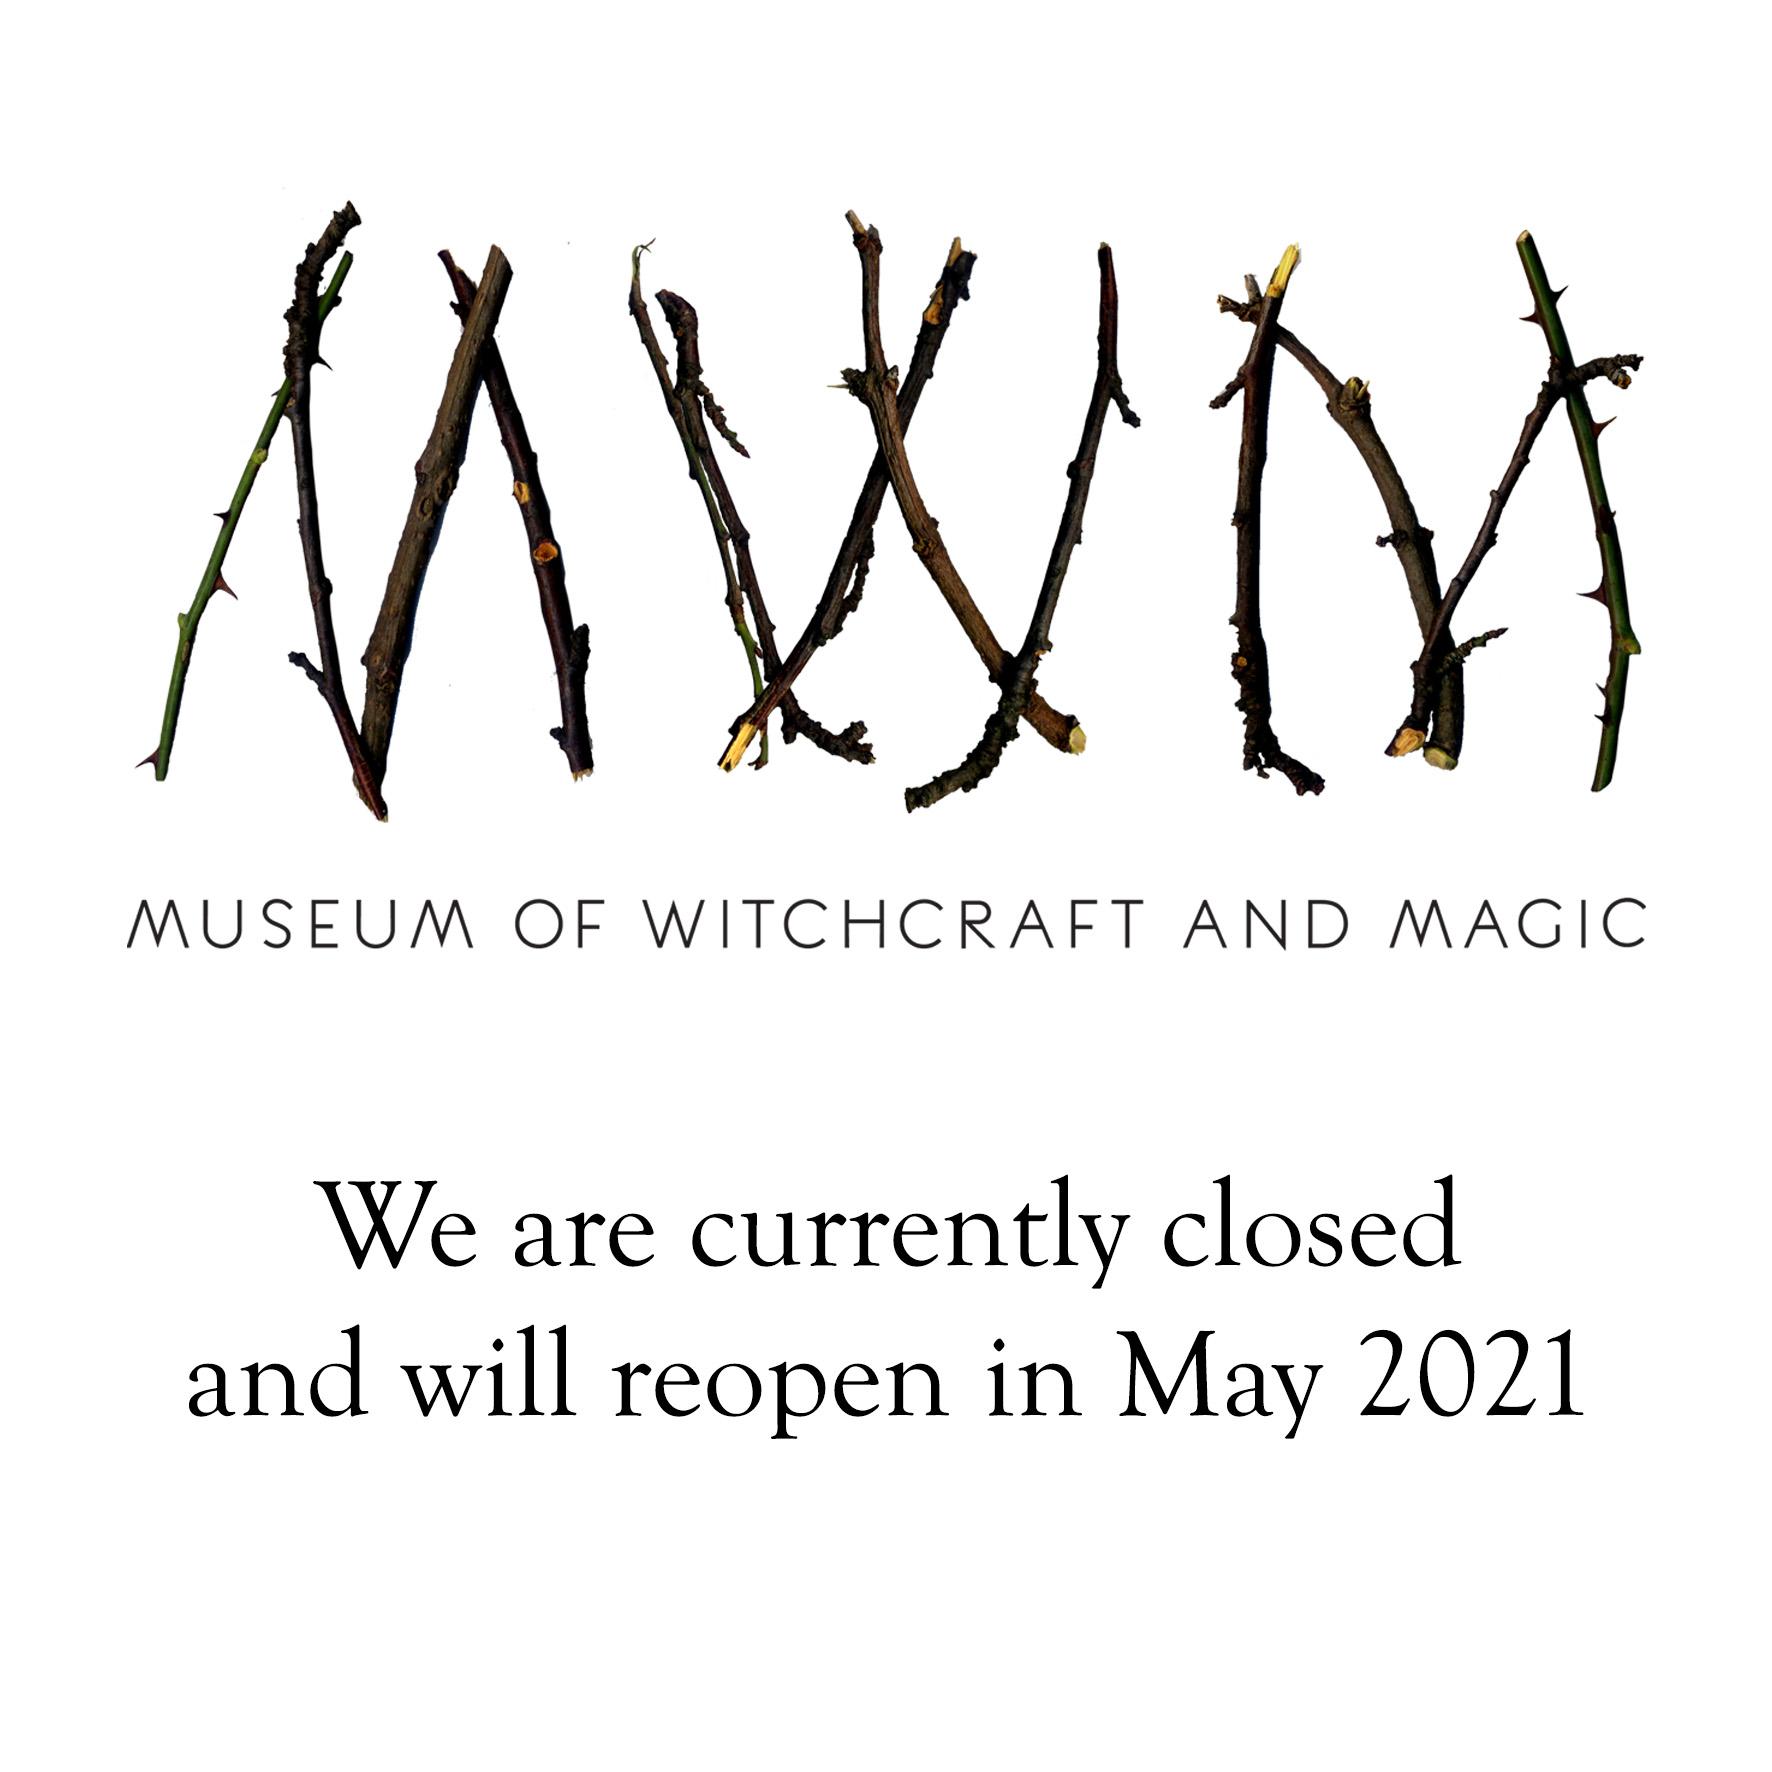 MWM Reopening 2021